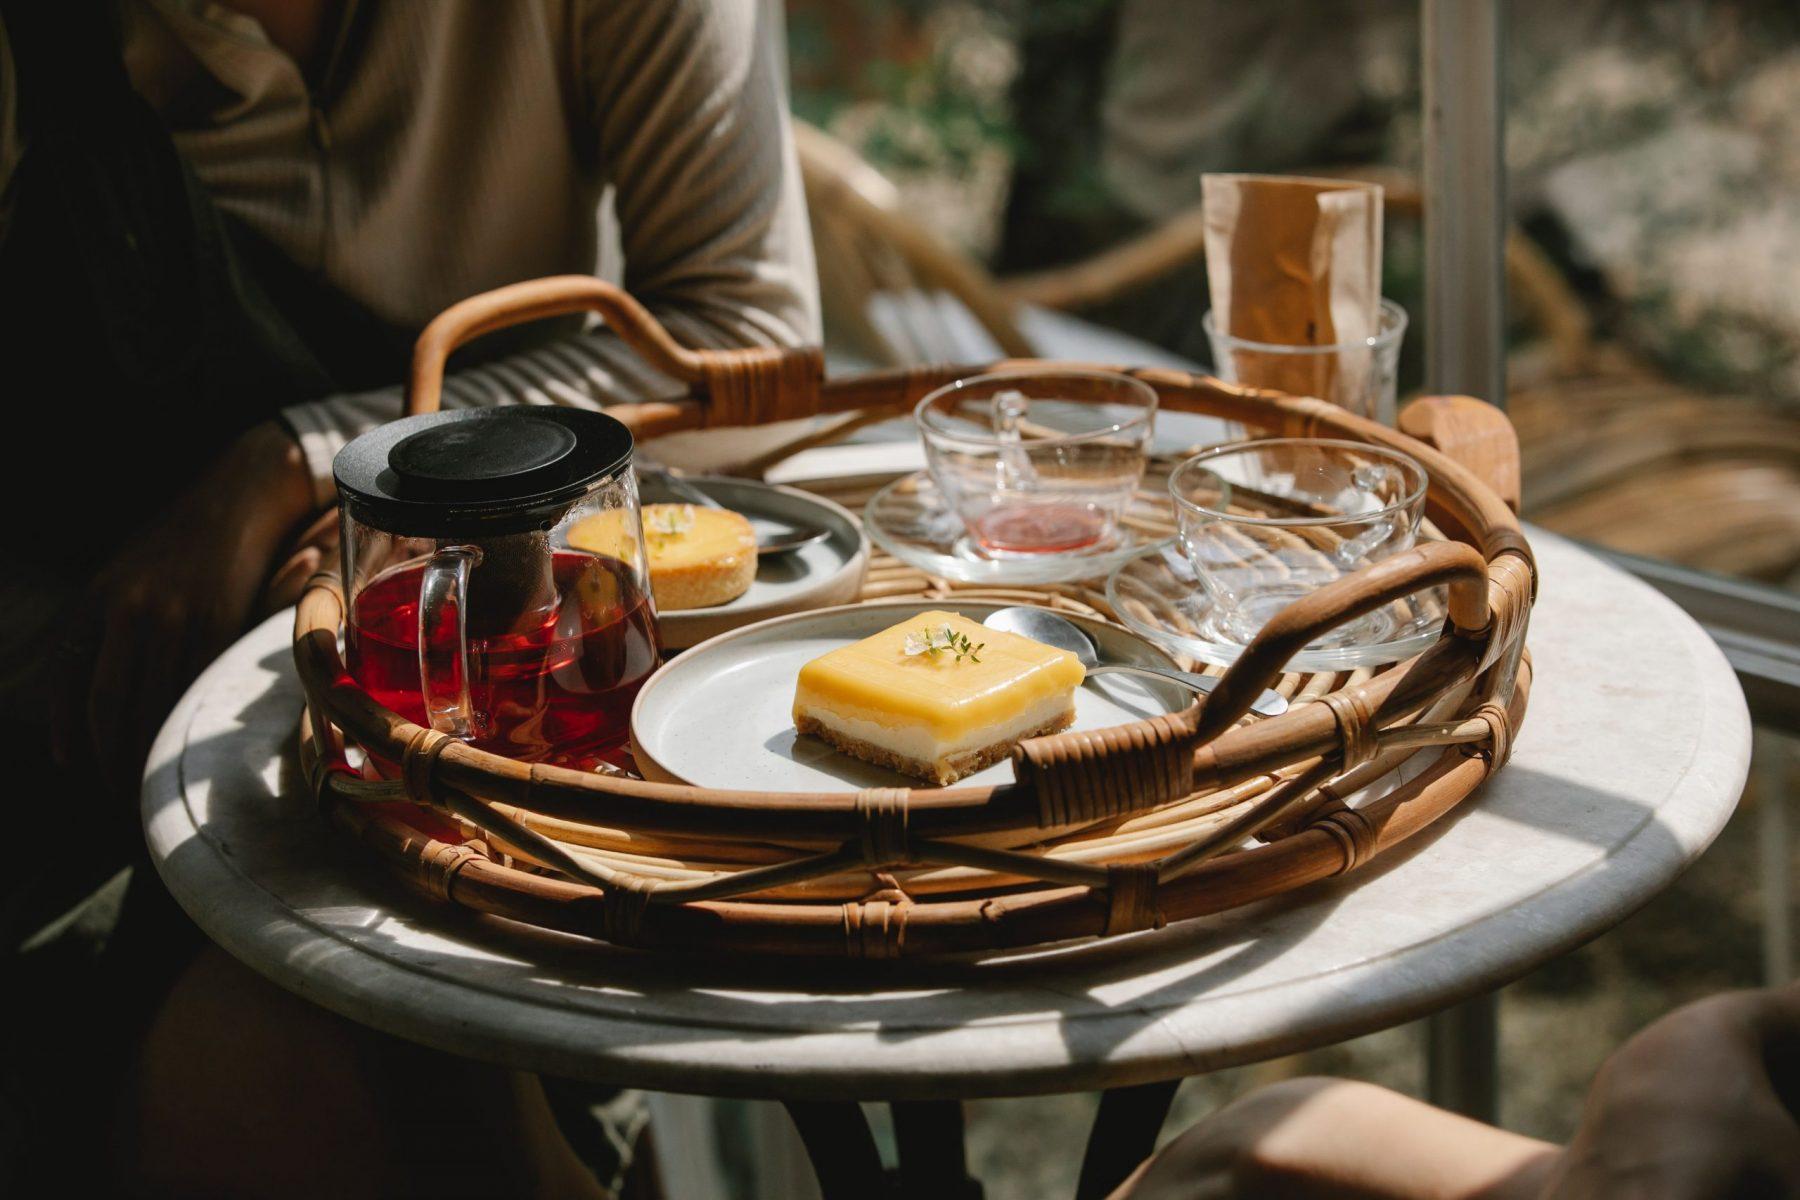 Τσάι βότανα: Γεύσεις που αξίζει να δοκιμάσεις